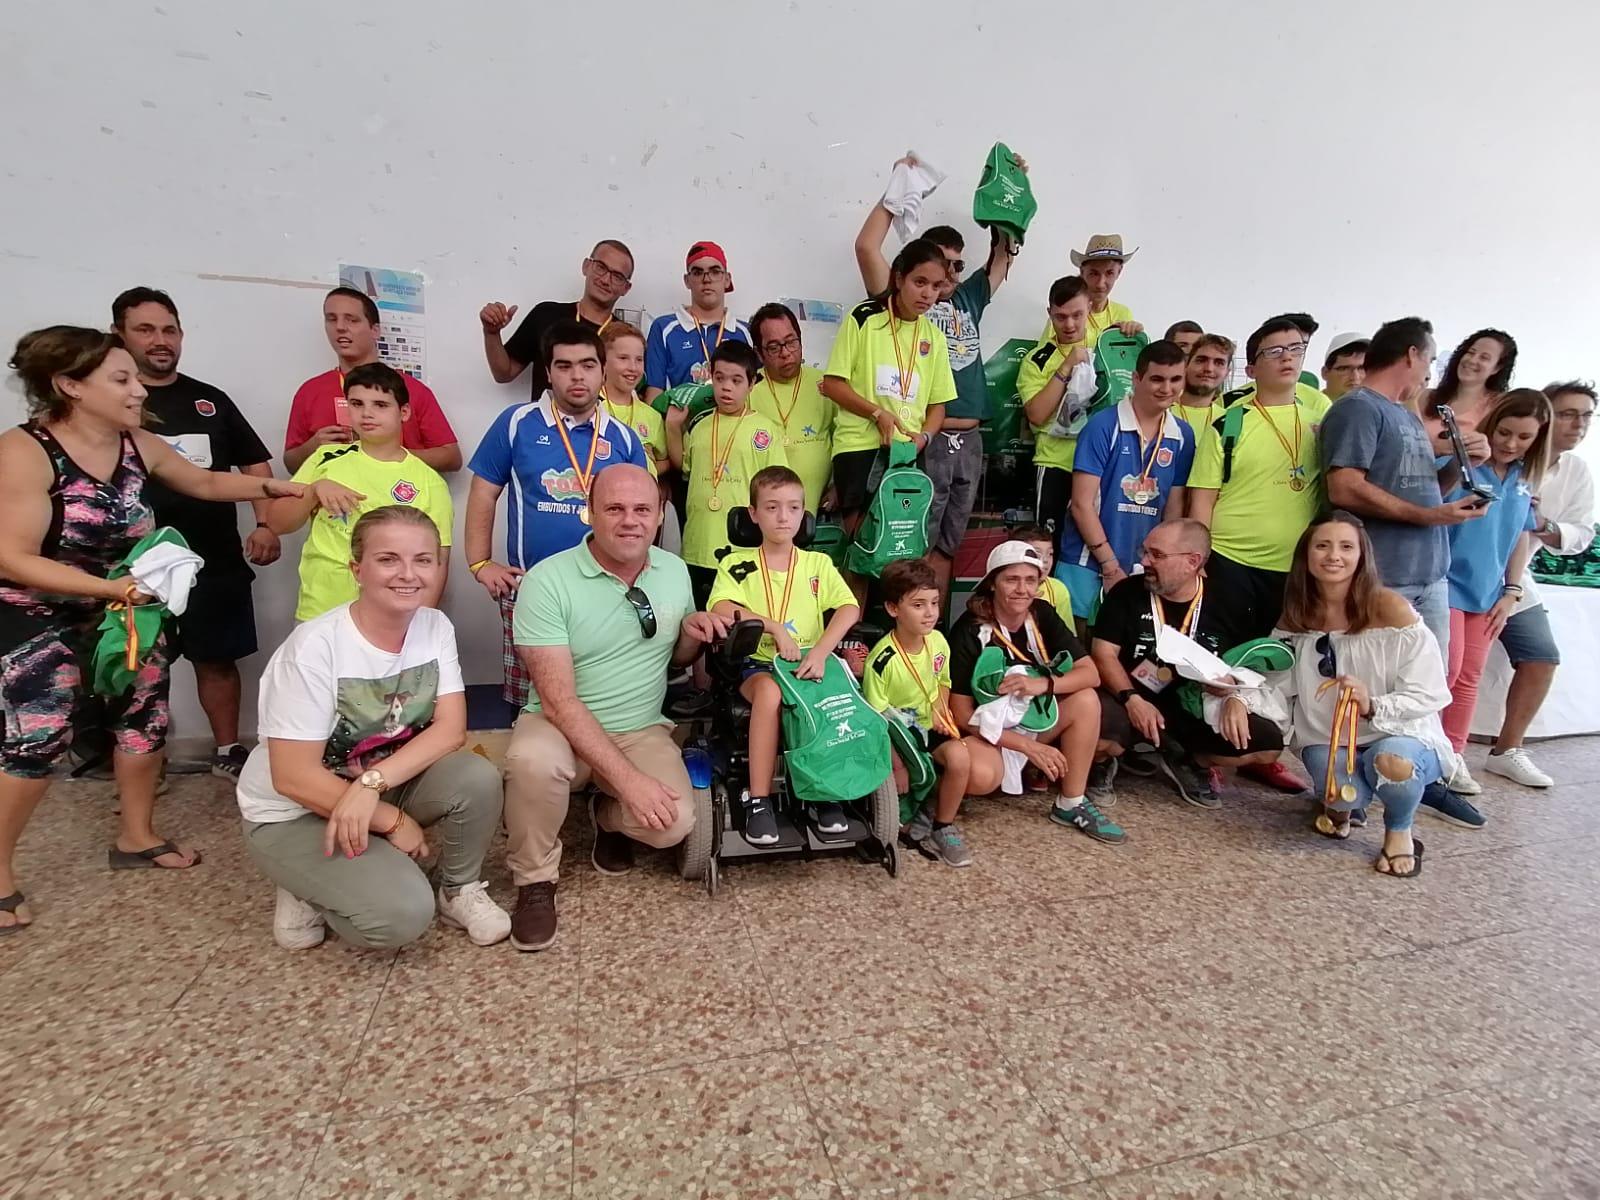 Éxito del III Campeonato de Andalucía de petanca FANDDI celebrado en la ciudad de Adra